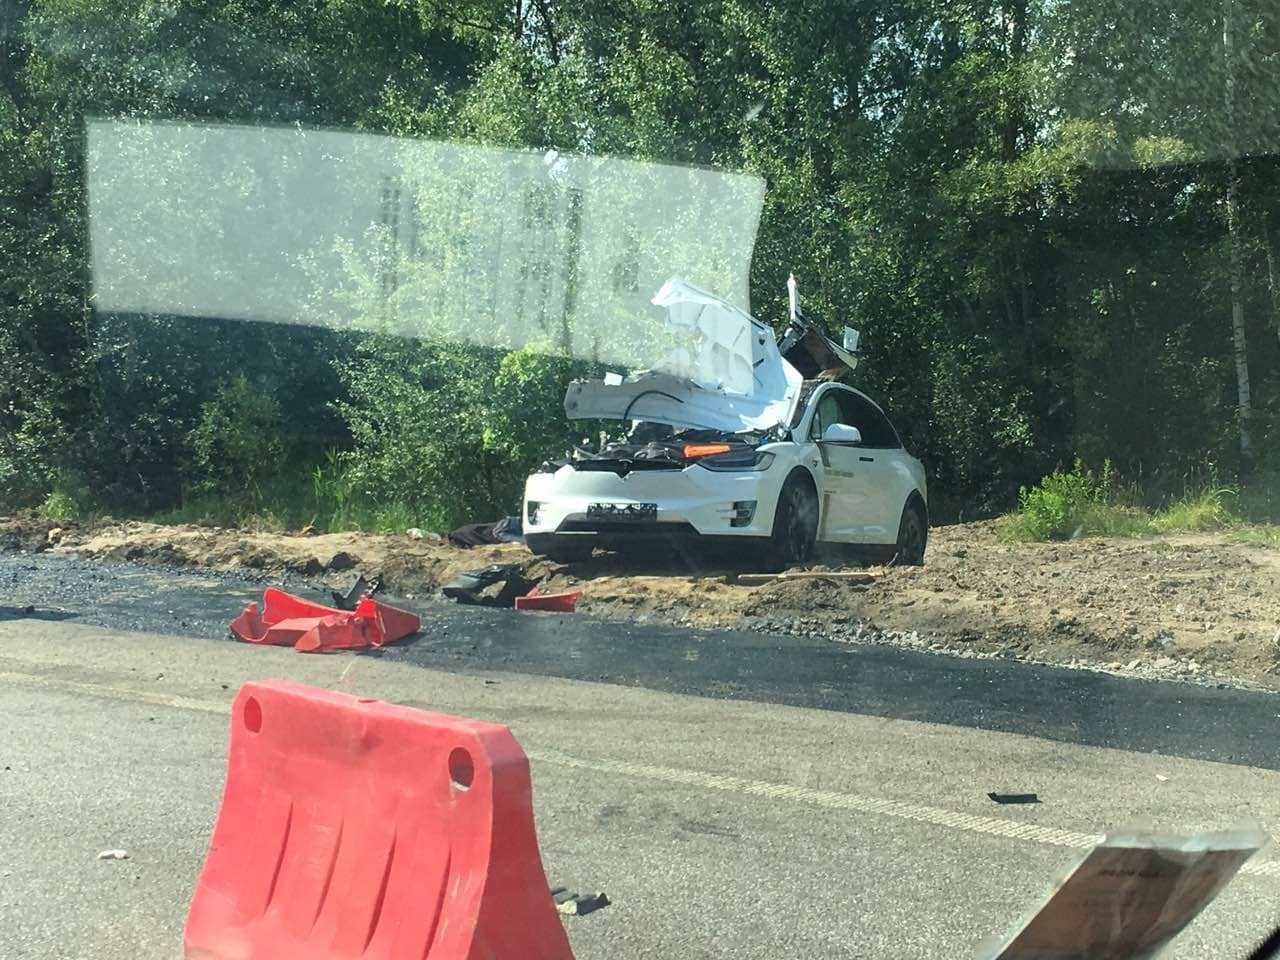 Происшествия: Электромобиль Tesla Model X, вероятно в режиме Autopilot, попал в аварию на трассе Житомир-Киев